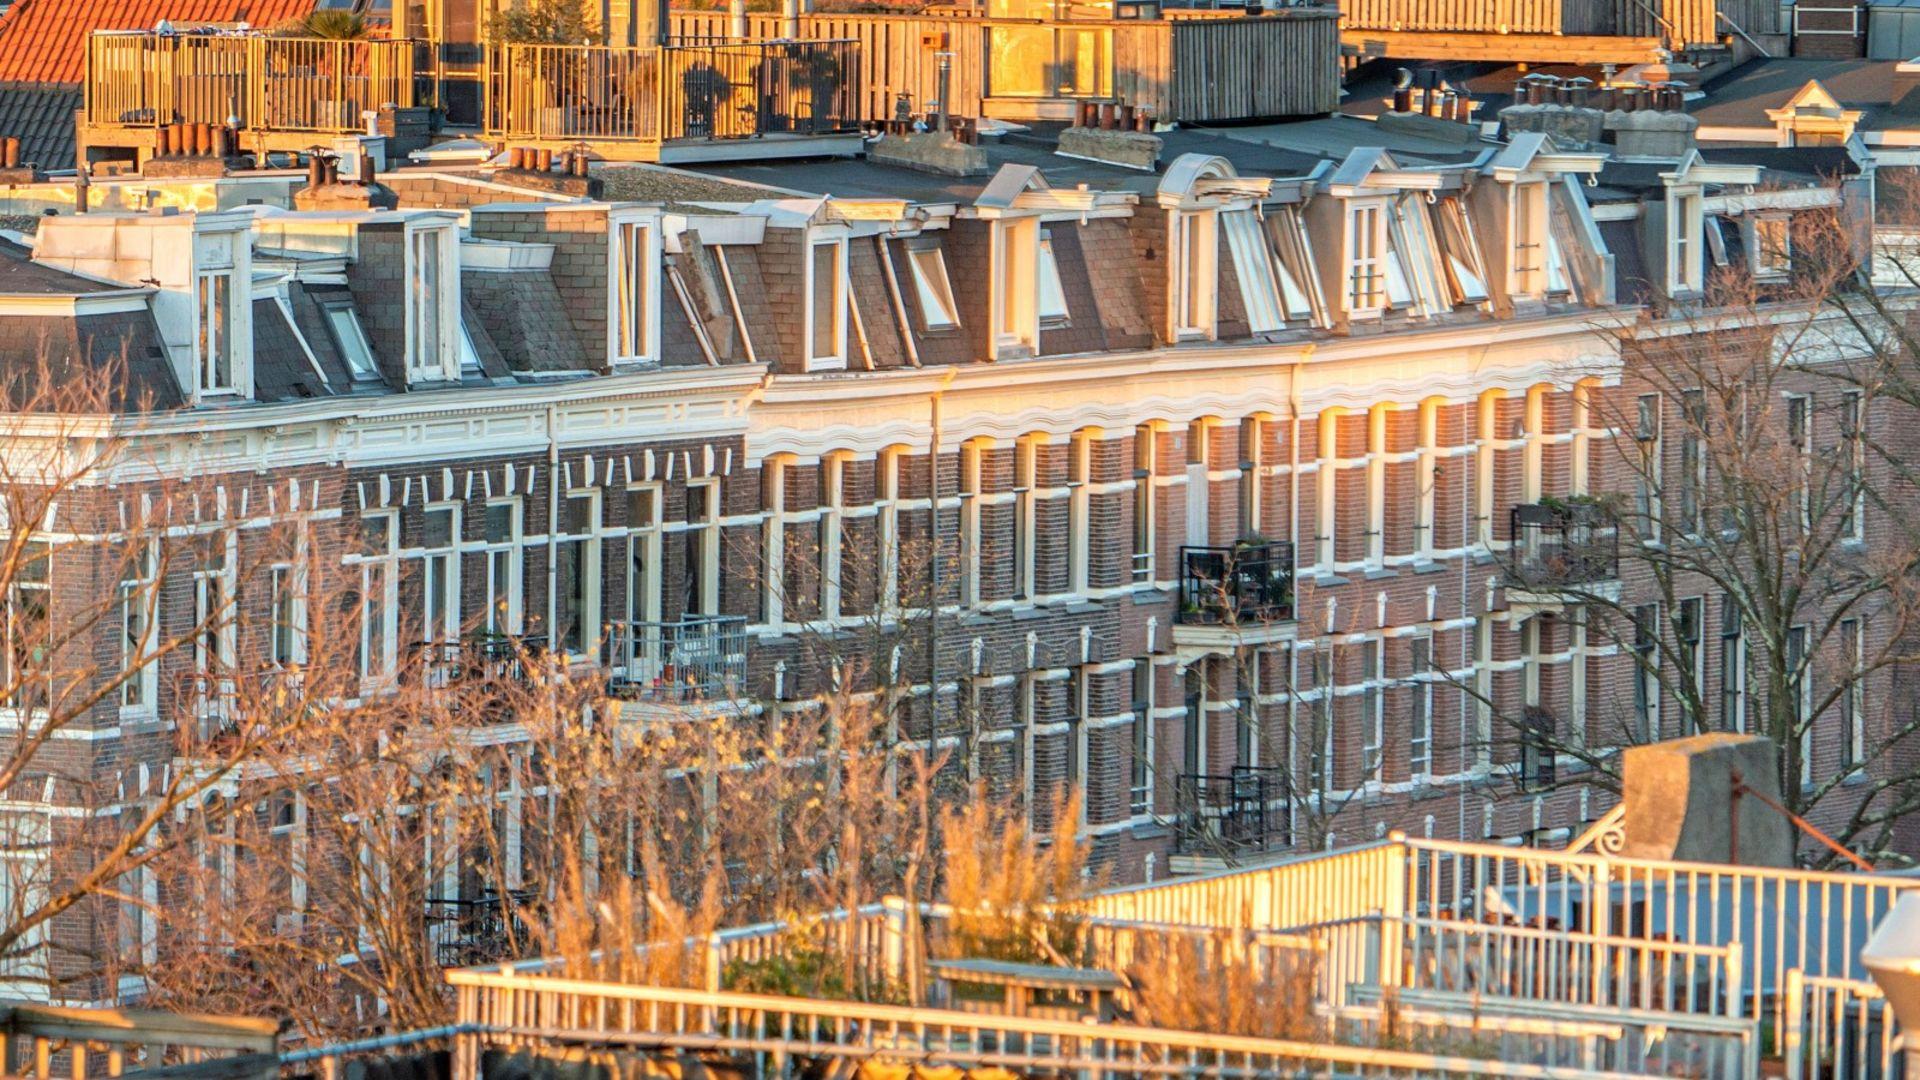 Huizenprijzen Amsterdam blijven stijgen ondanks coronacrisis (Bron: AT5)